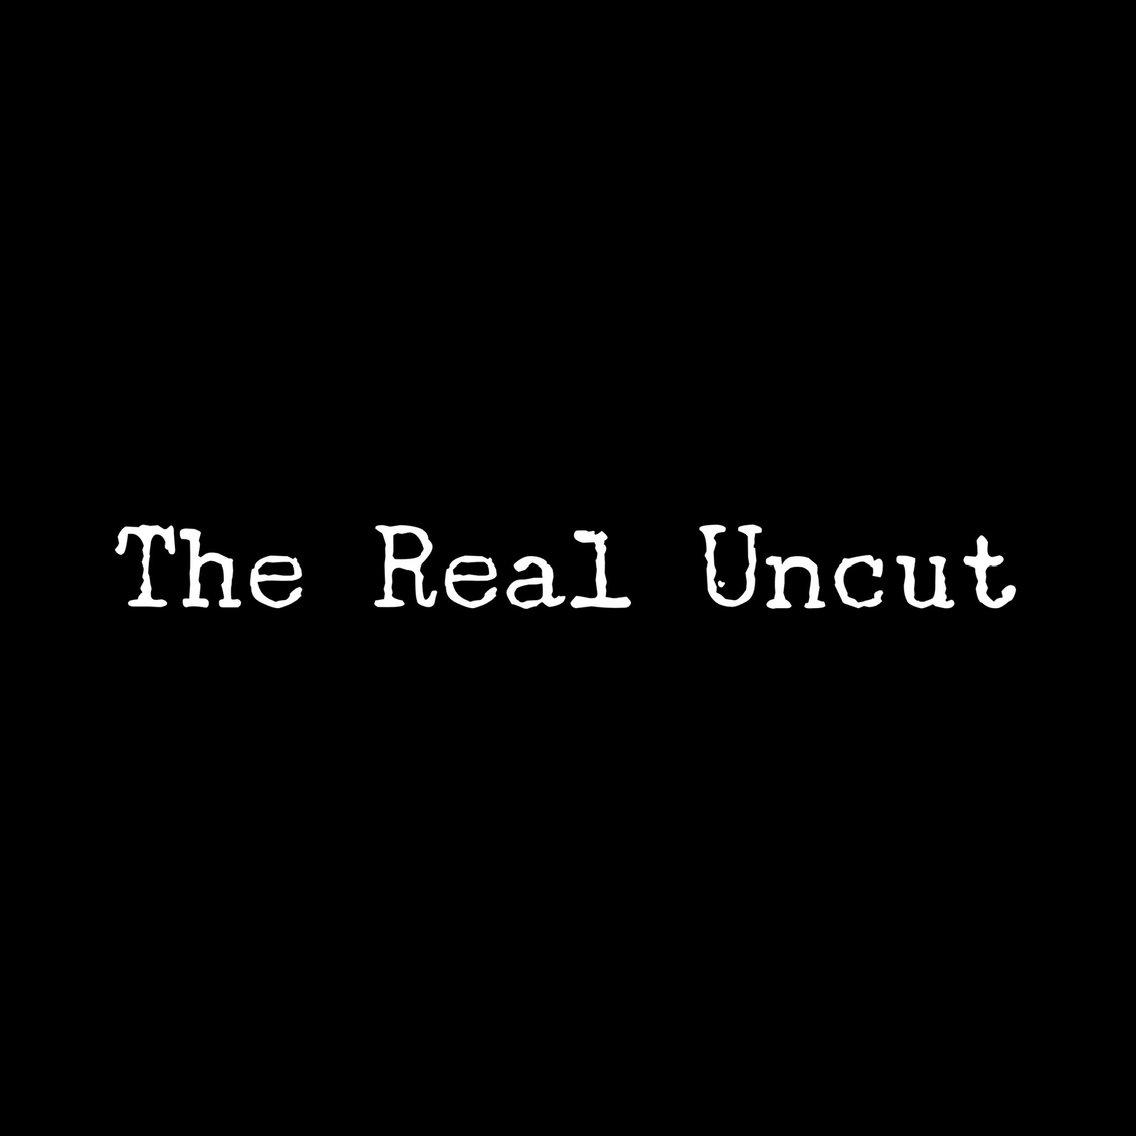 The Real Uncut - immagine di copertina